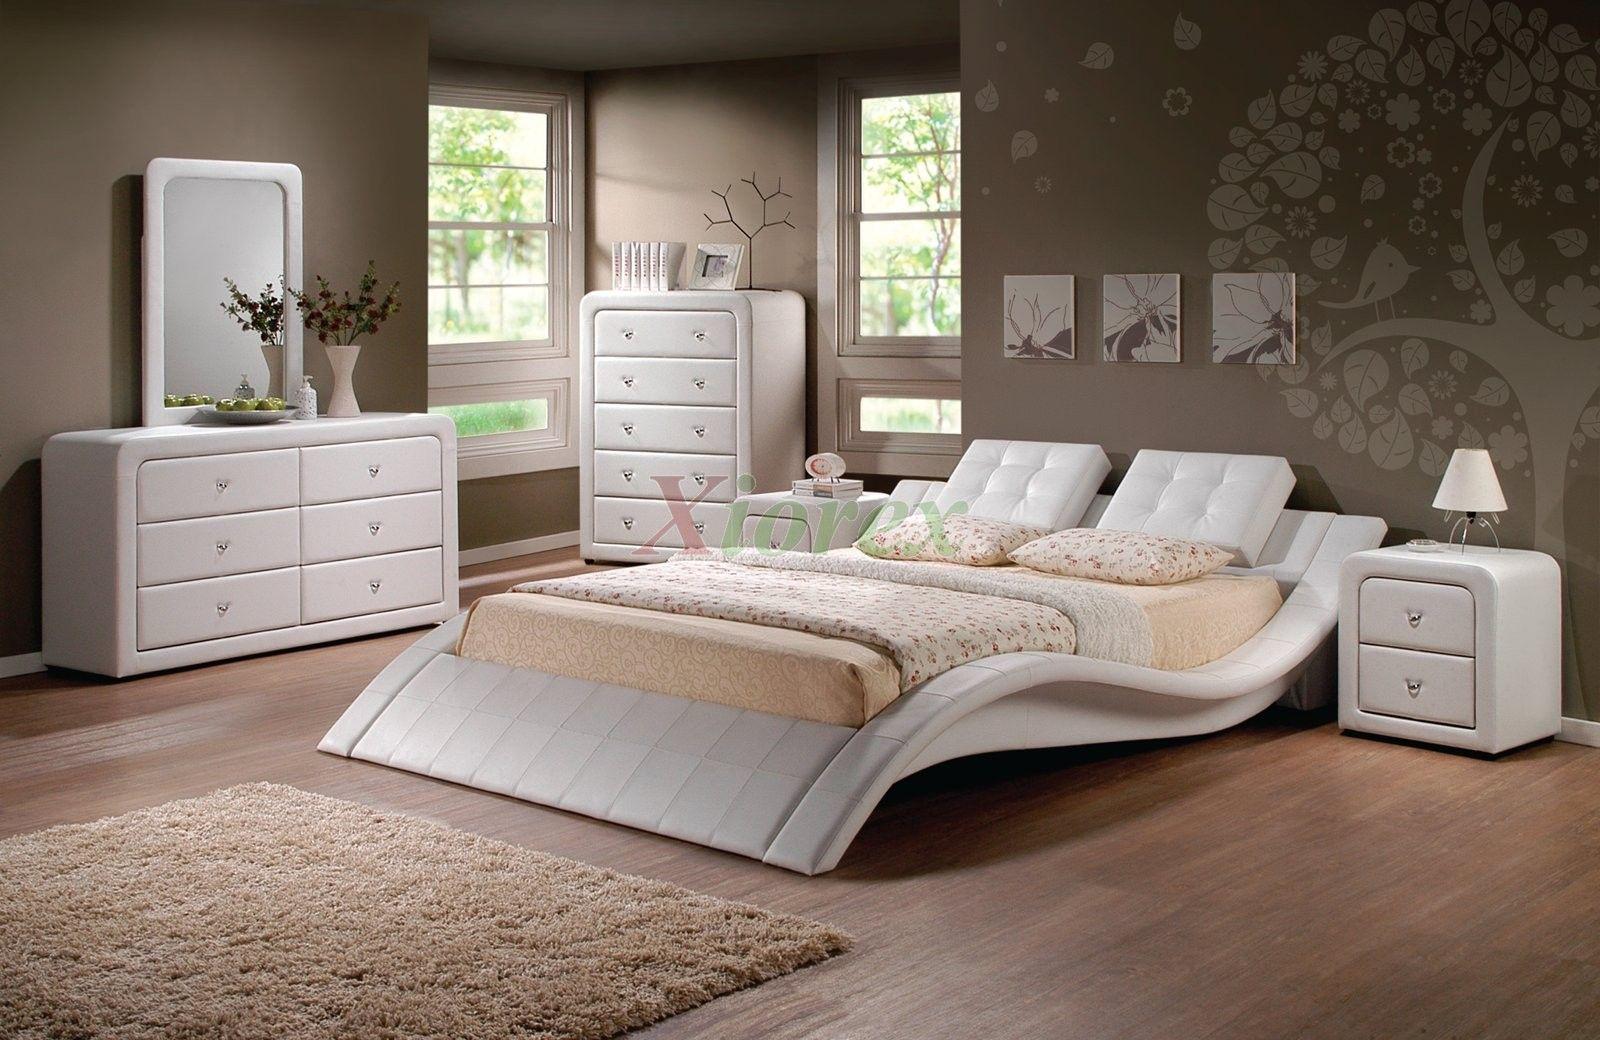 Bedroom Furniture Set Modern Upholstered Platform Bedroom Furniture Set 152 Xio In 2020 Buy Bedroom Furniture Interior Decoration Bedroom Bedroom Collections Furniture